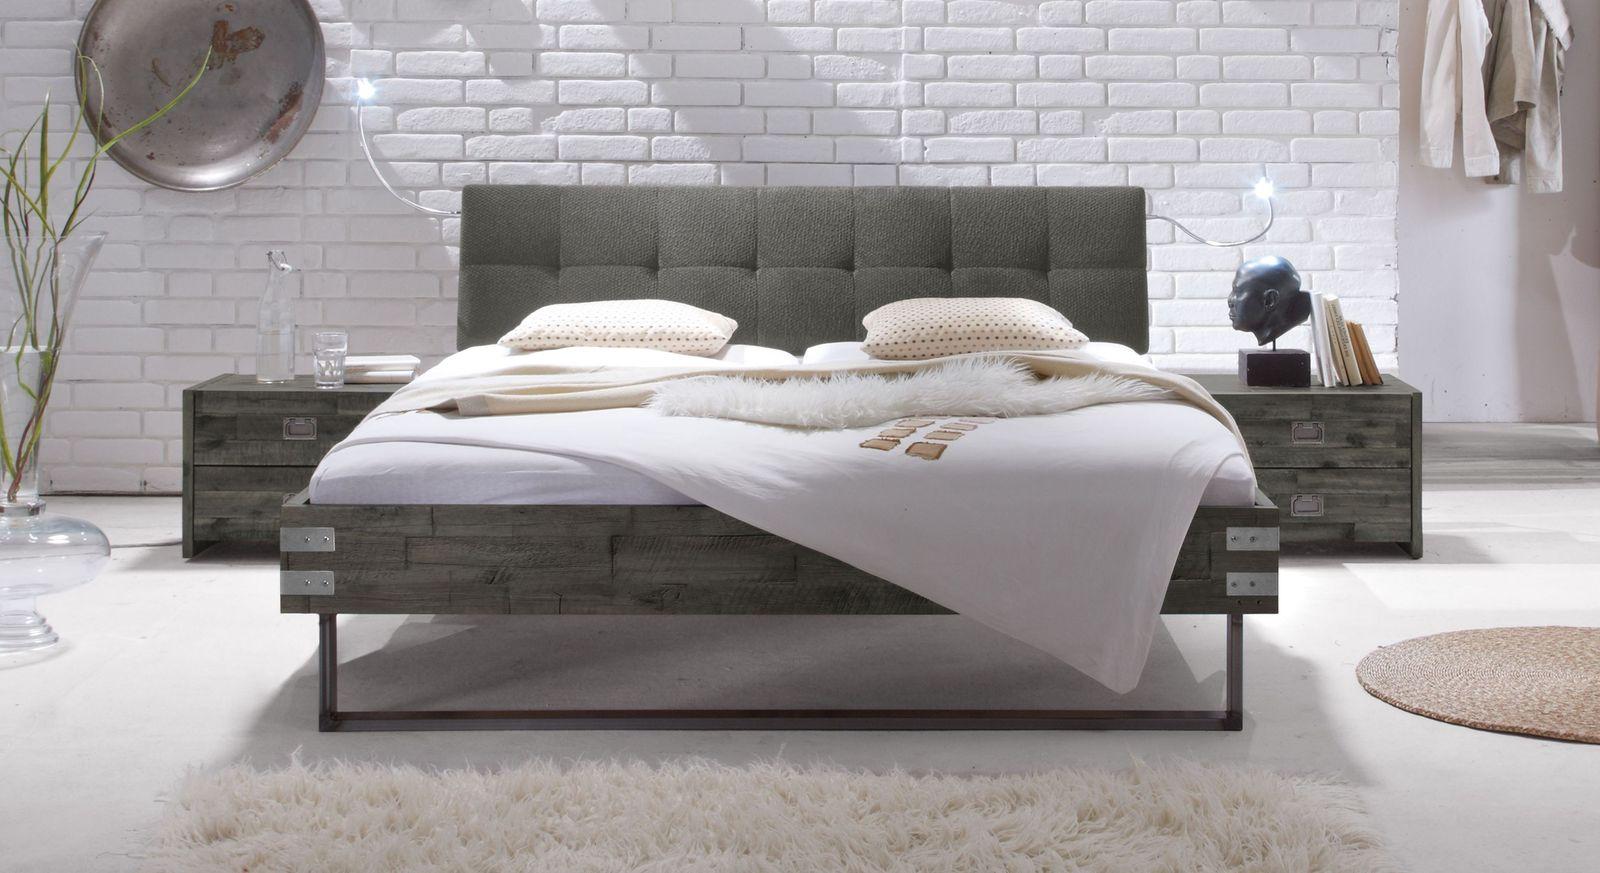 Bett Hamina aus grauer Akazie mit grauem Kopfteil